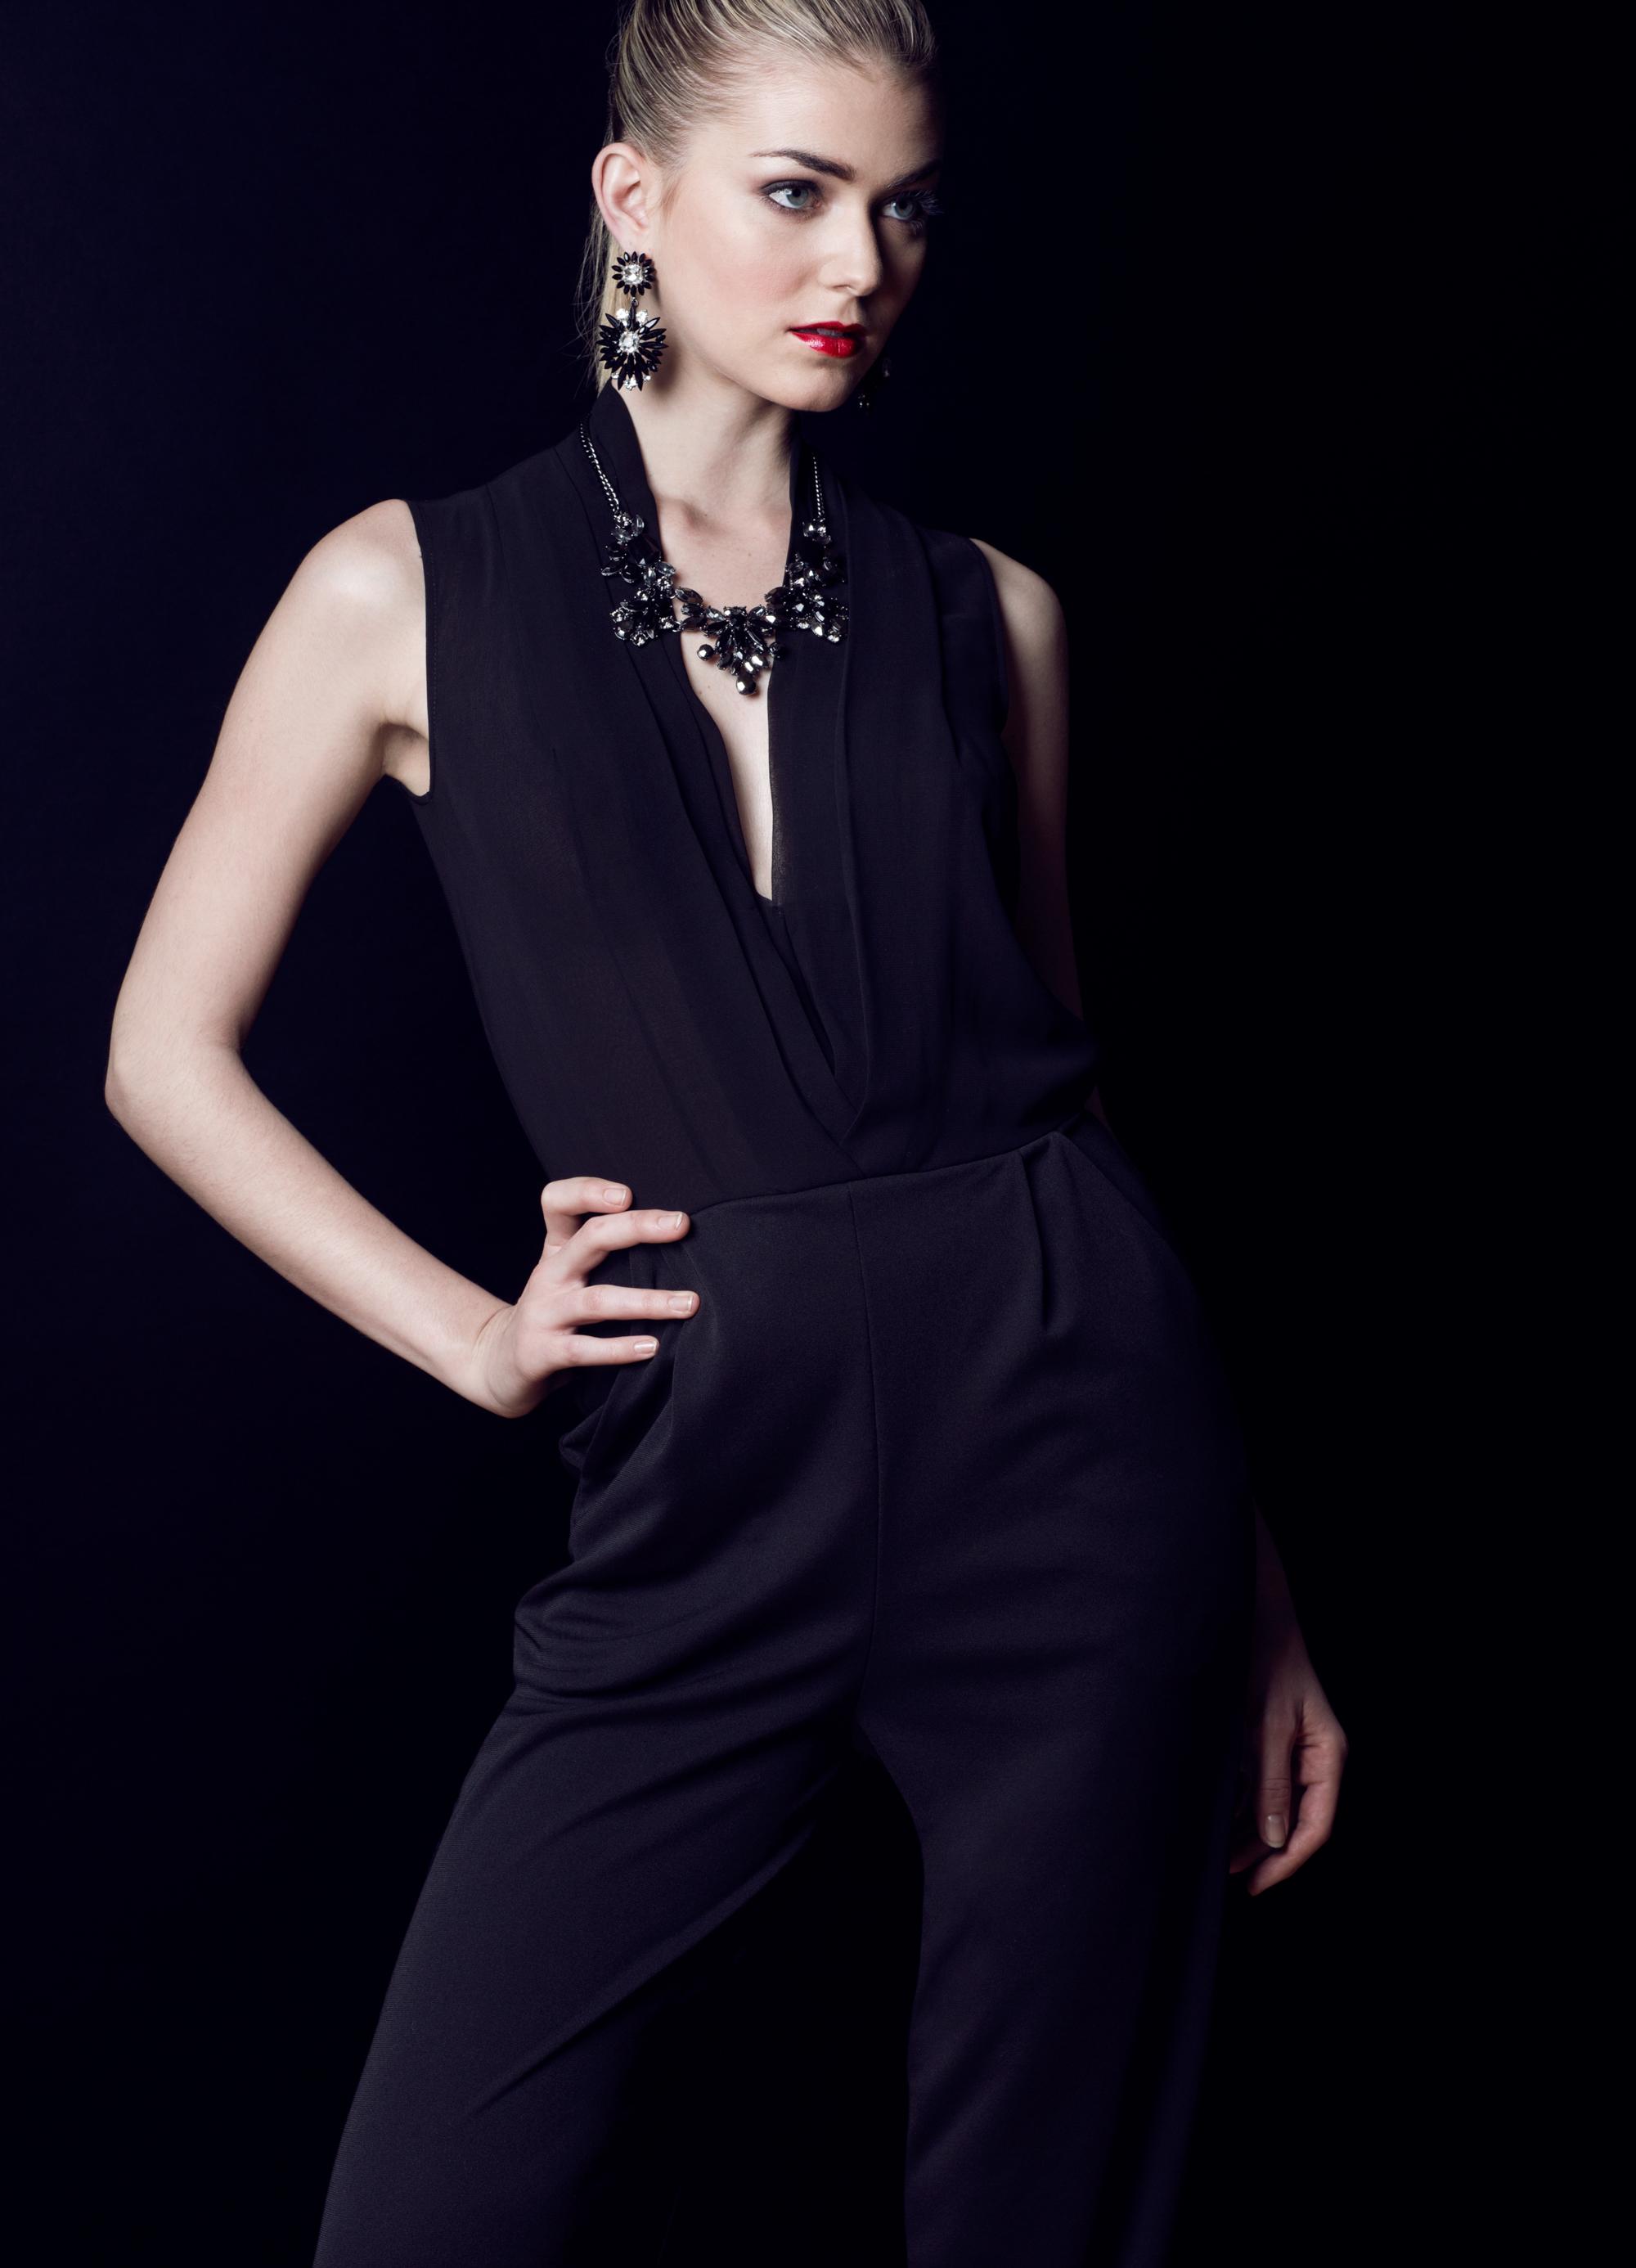 DinaKantor-Fashion-19.jpg